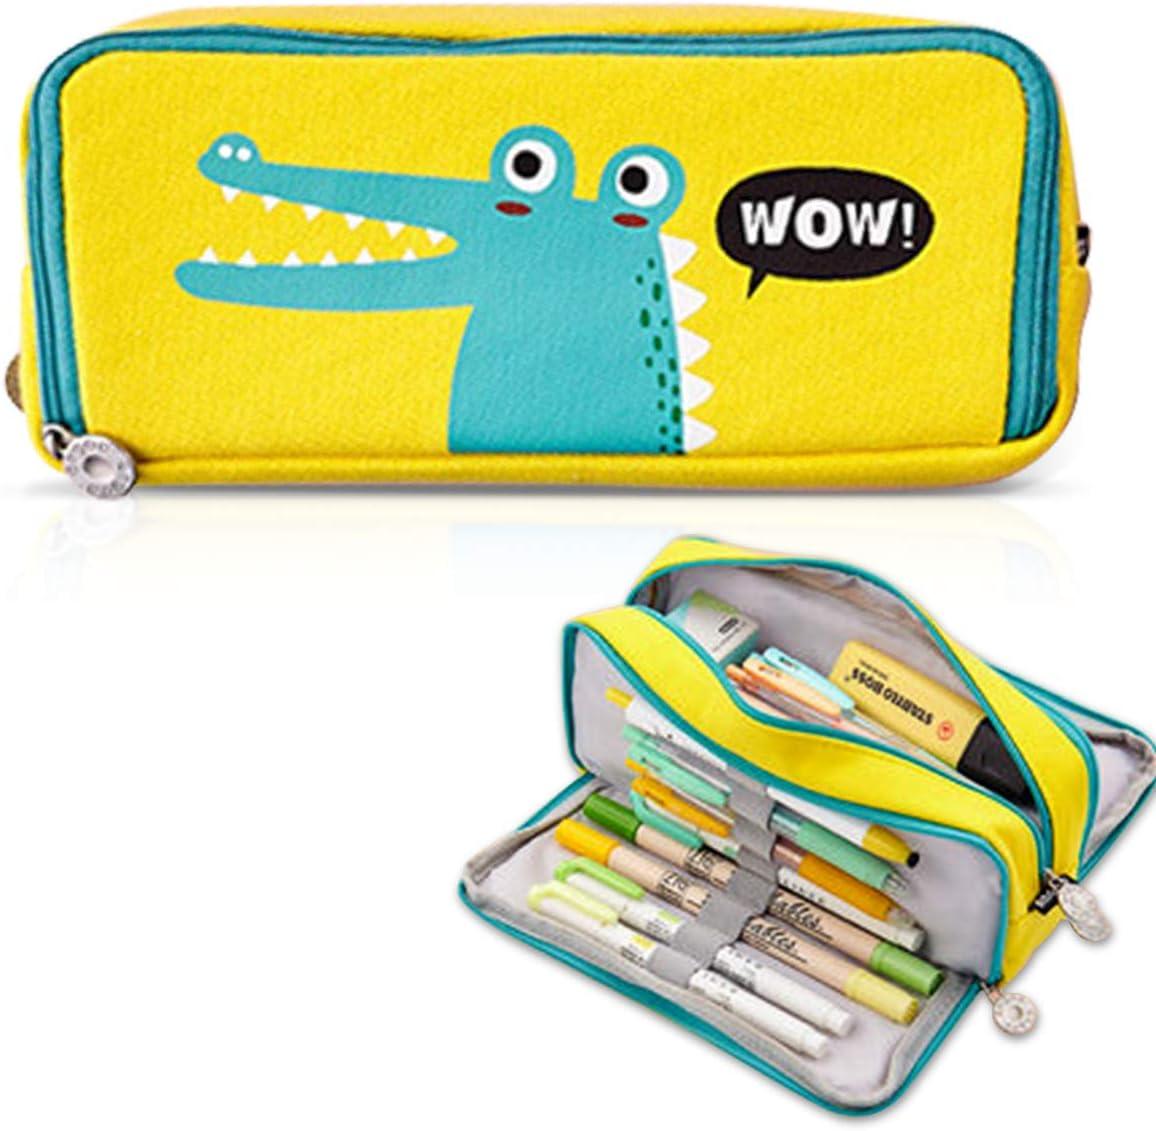 iSuperb Estuche de lápices Caja Gran Capacidad Bolsa Case con Cremallera de Escolar Cartoon Pencil Case Lindo Plumier Organizador de papelería Bolsa de Cosméticos para Muje (Amarillo): Amazon.es: Oficina y papelería